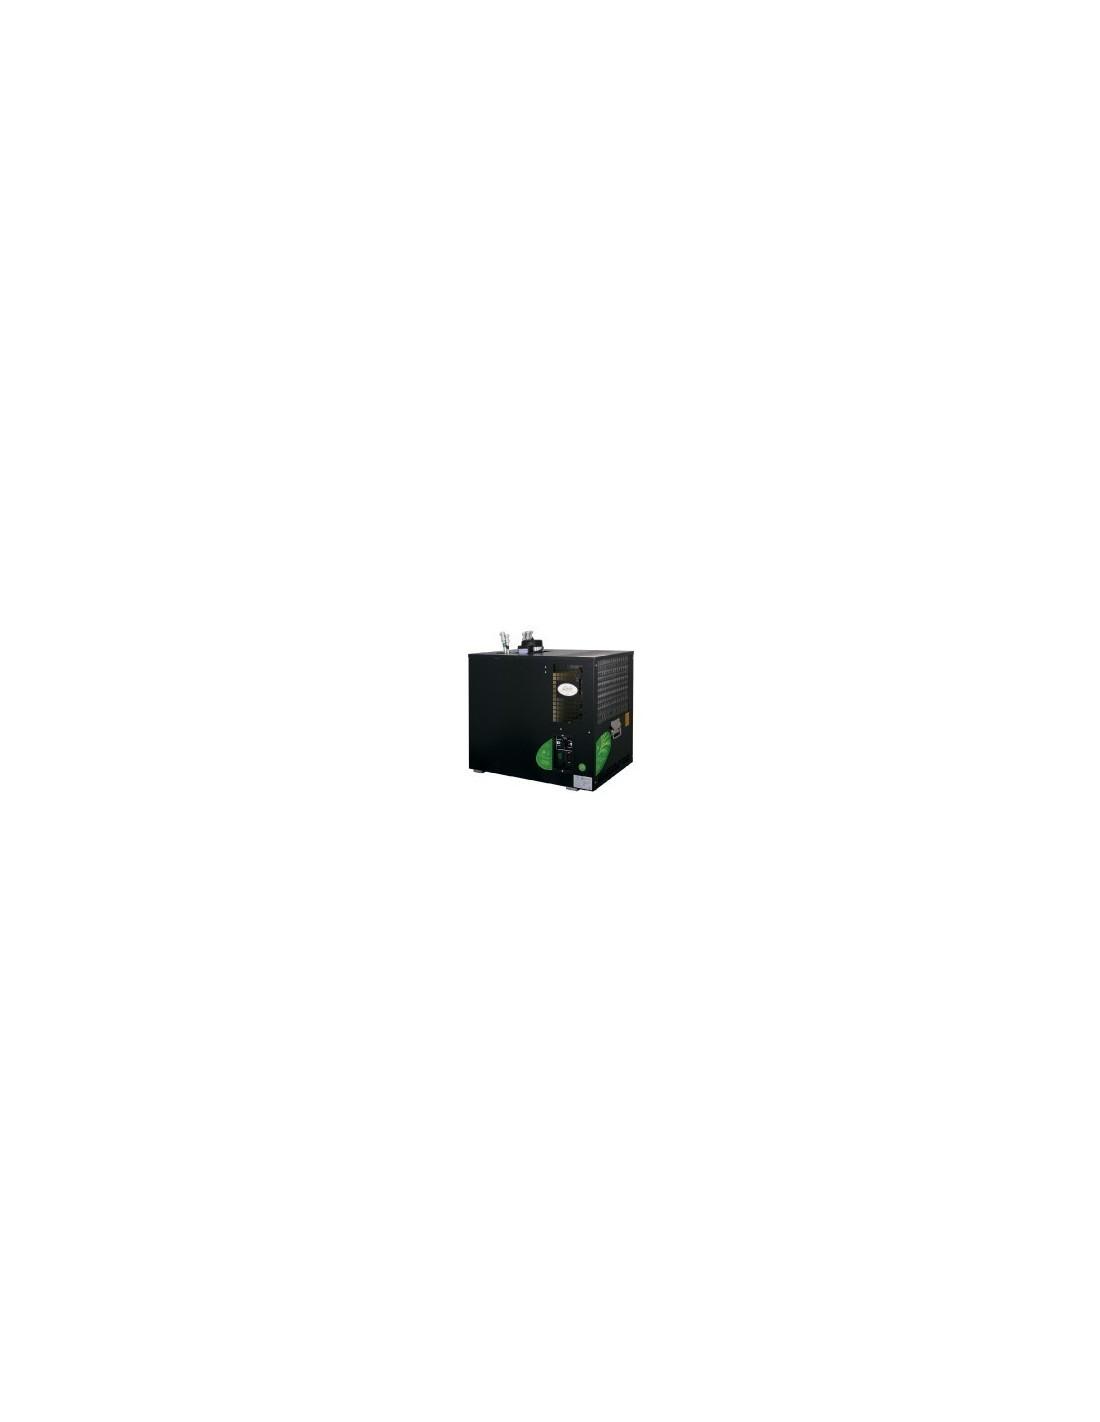 """VCH02108 - Vätskekylda fatölskylare med isbank - Lindr AS-160 """"green line"""" 8 kylslingor + snabbkopplingar"""